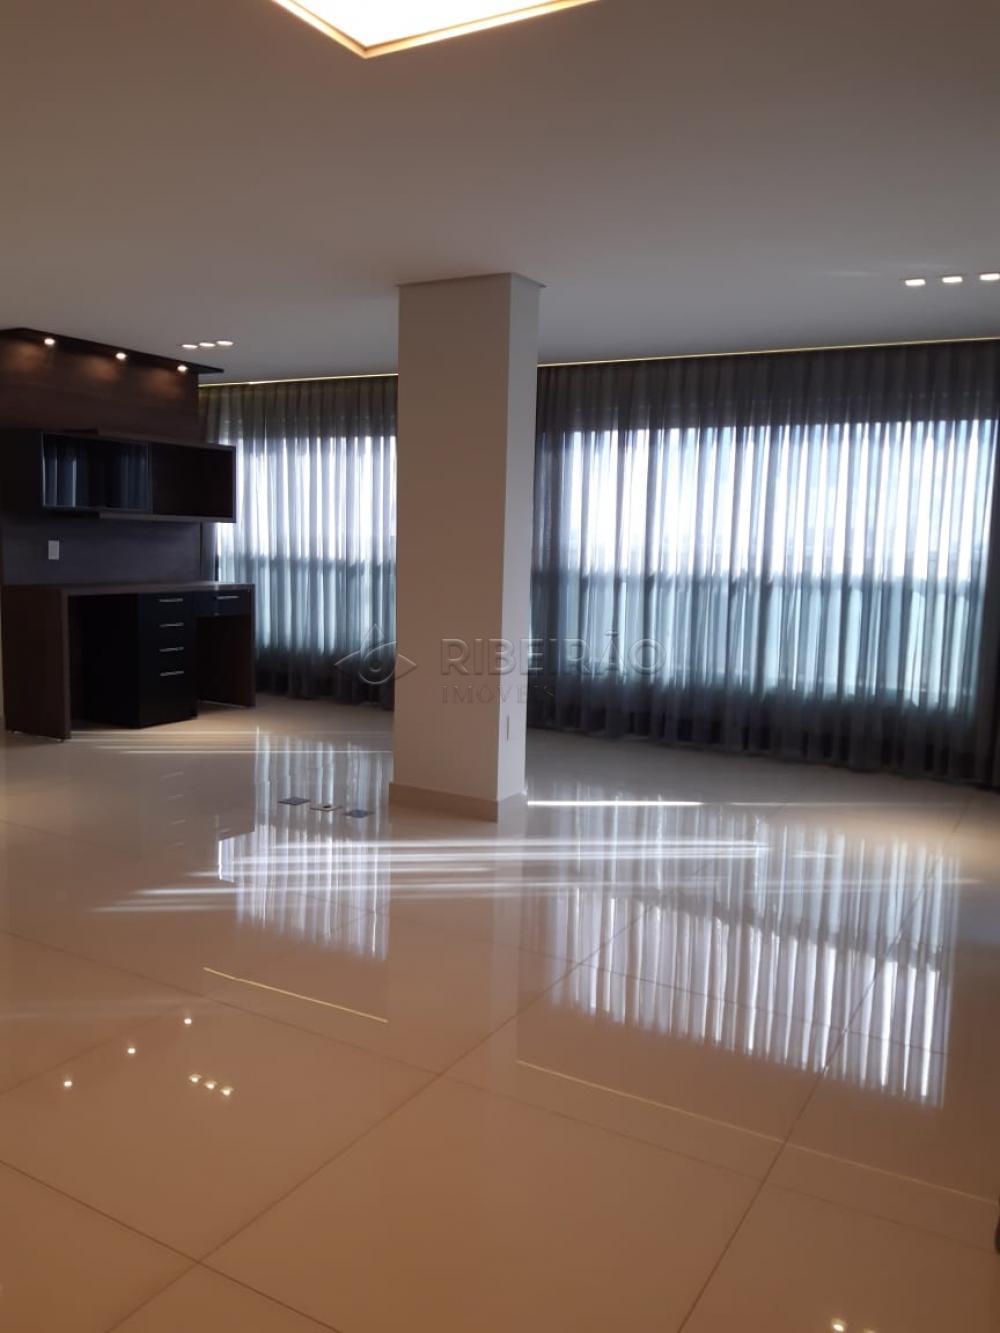 Comprar Apartamento / Cobertura em Ribeirão Preto R$ 1.900.000,00 - Foto 4